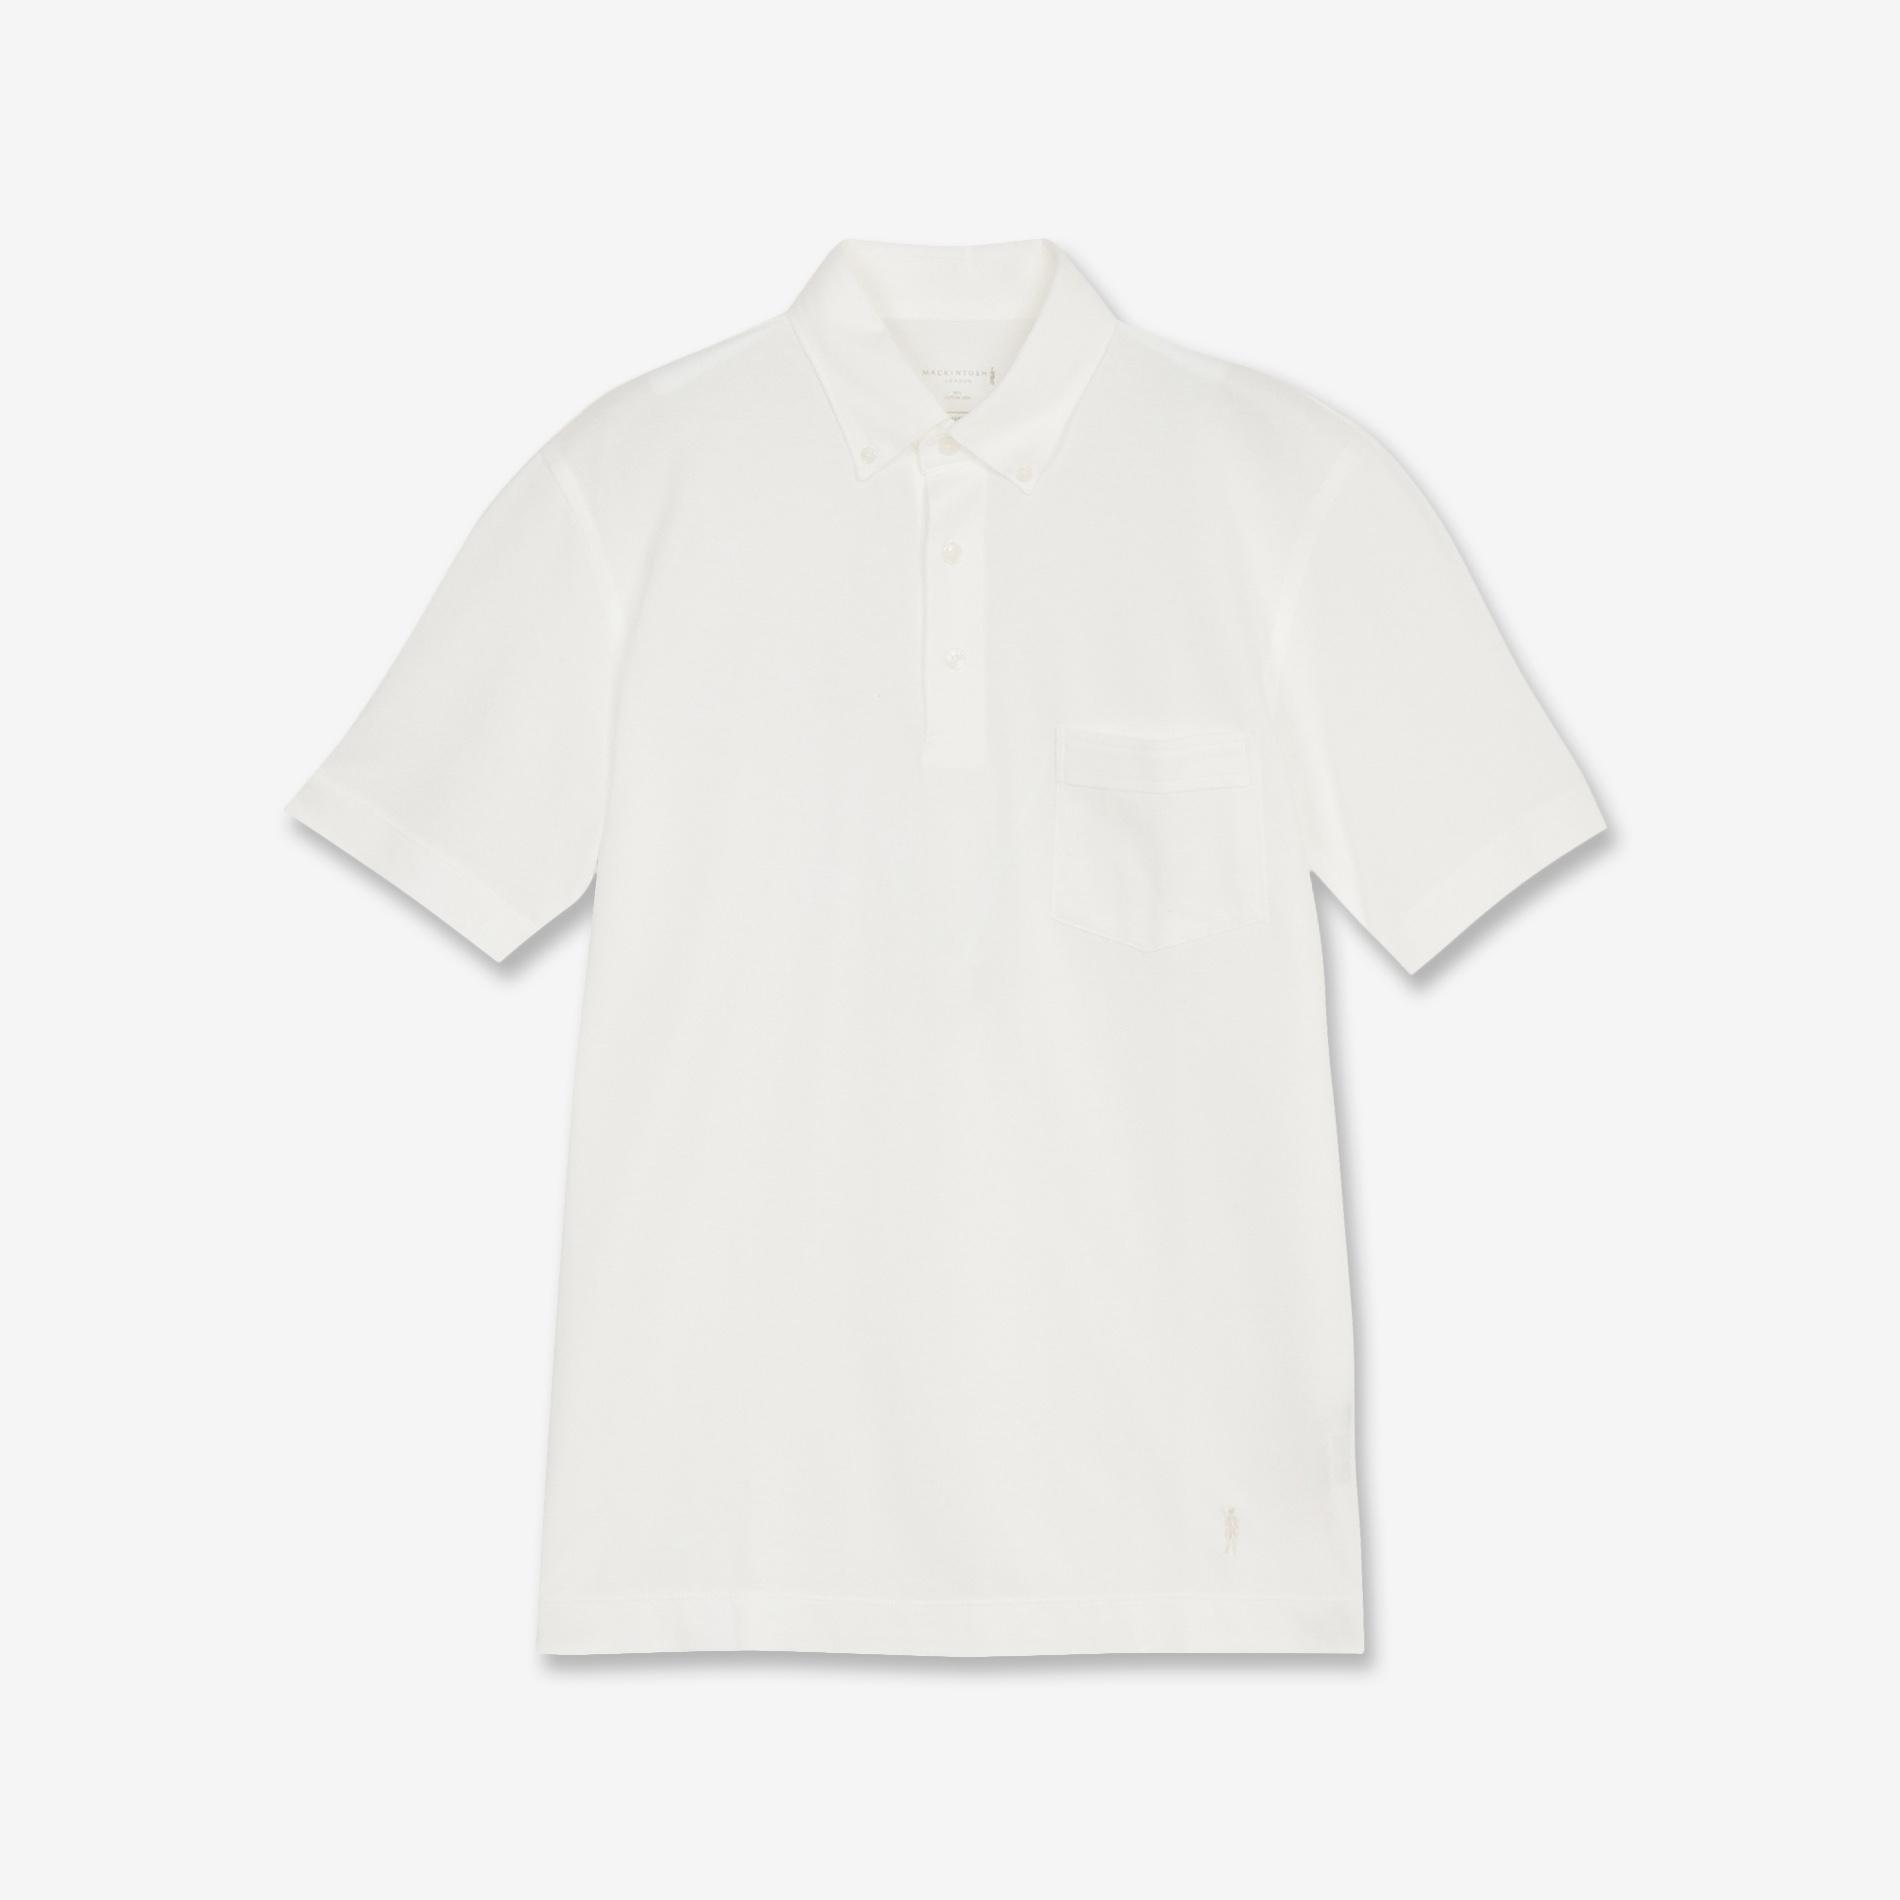 【MACKINTOSH 90】鹿の子ポロシャツ